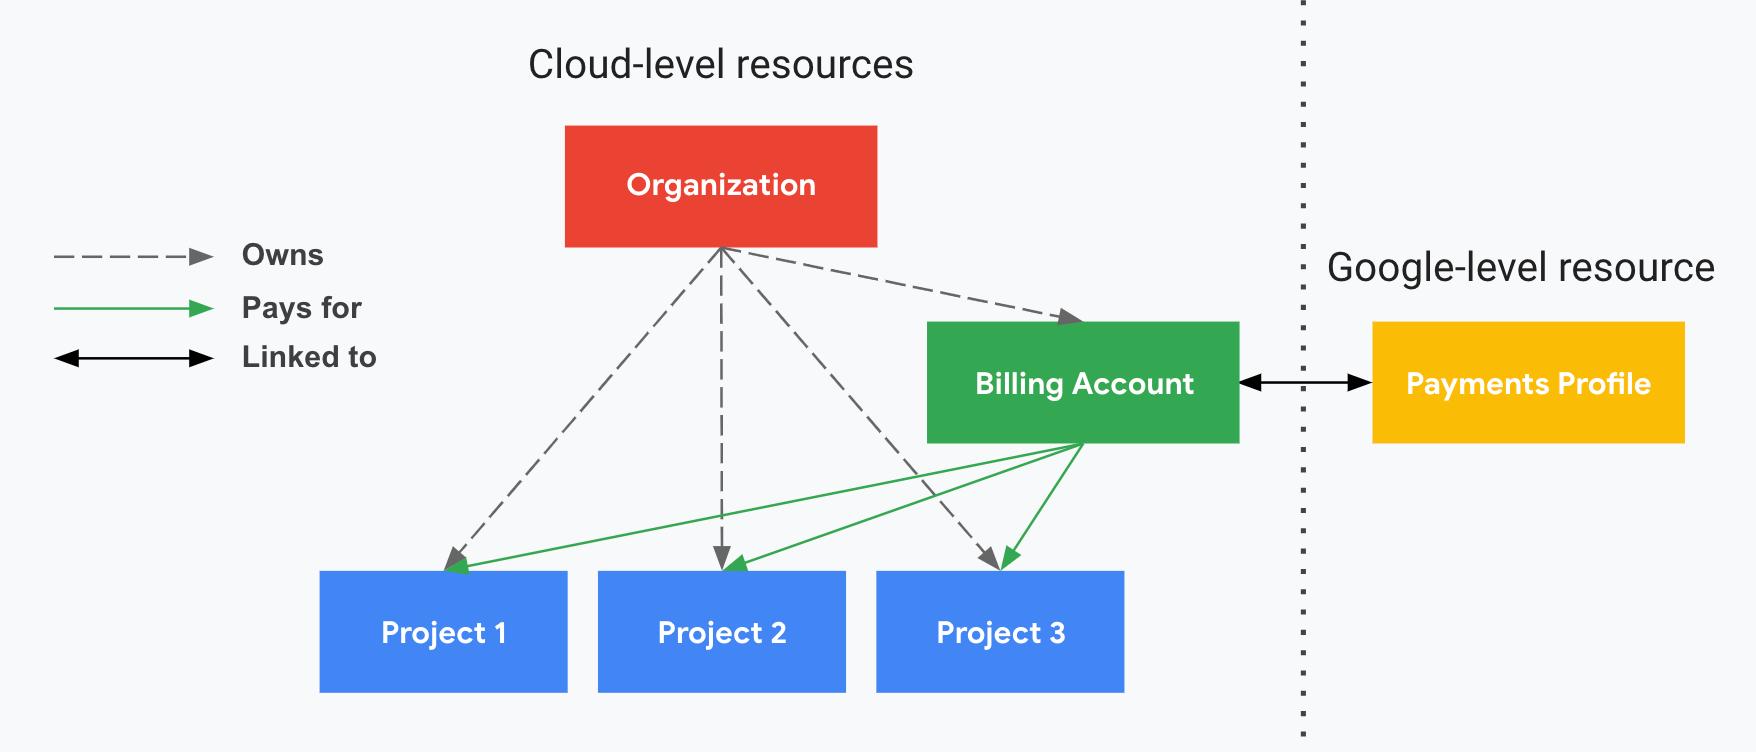 Ilustração que descreve como os projetos se relacionam com sua Conta de faturamento do Cloud, a organização e seu perfil para pagamentos. Em um lado estão os recursos no nível do Cloud (organização, Conta de faturamento do Cloud e projetos associados). No outro lado, dividido por uma linha vertical pontilhada, está seu recurso no nível do Google (um perfil para pagamentos). Os projetos são pagos pela Conta de faturamento do Cloud, que está vinculada ao seu perfil para pagamentos. A organização controla a propriedade          usando o IAM.